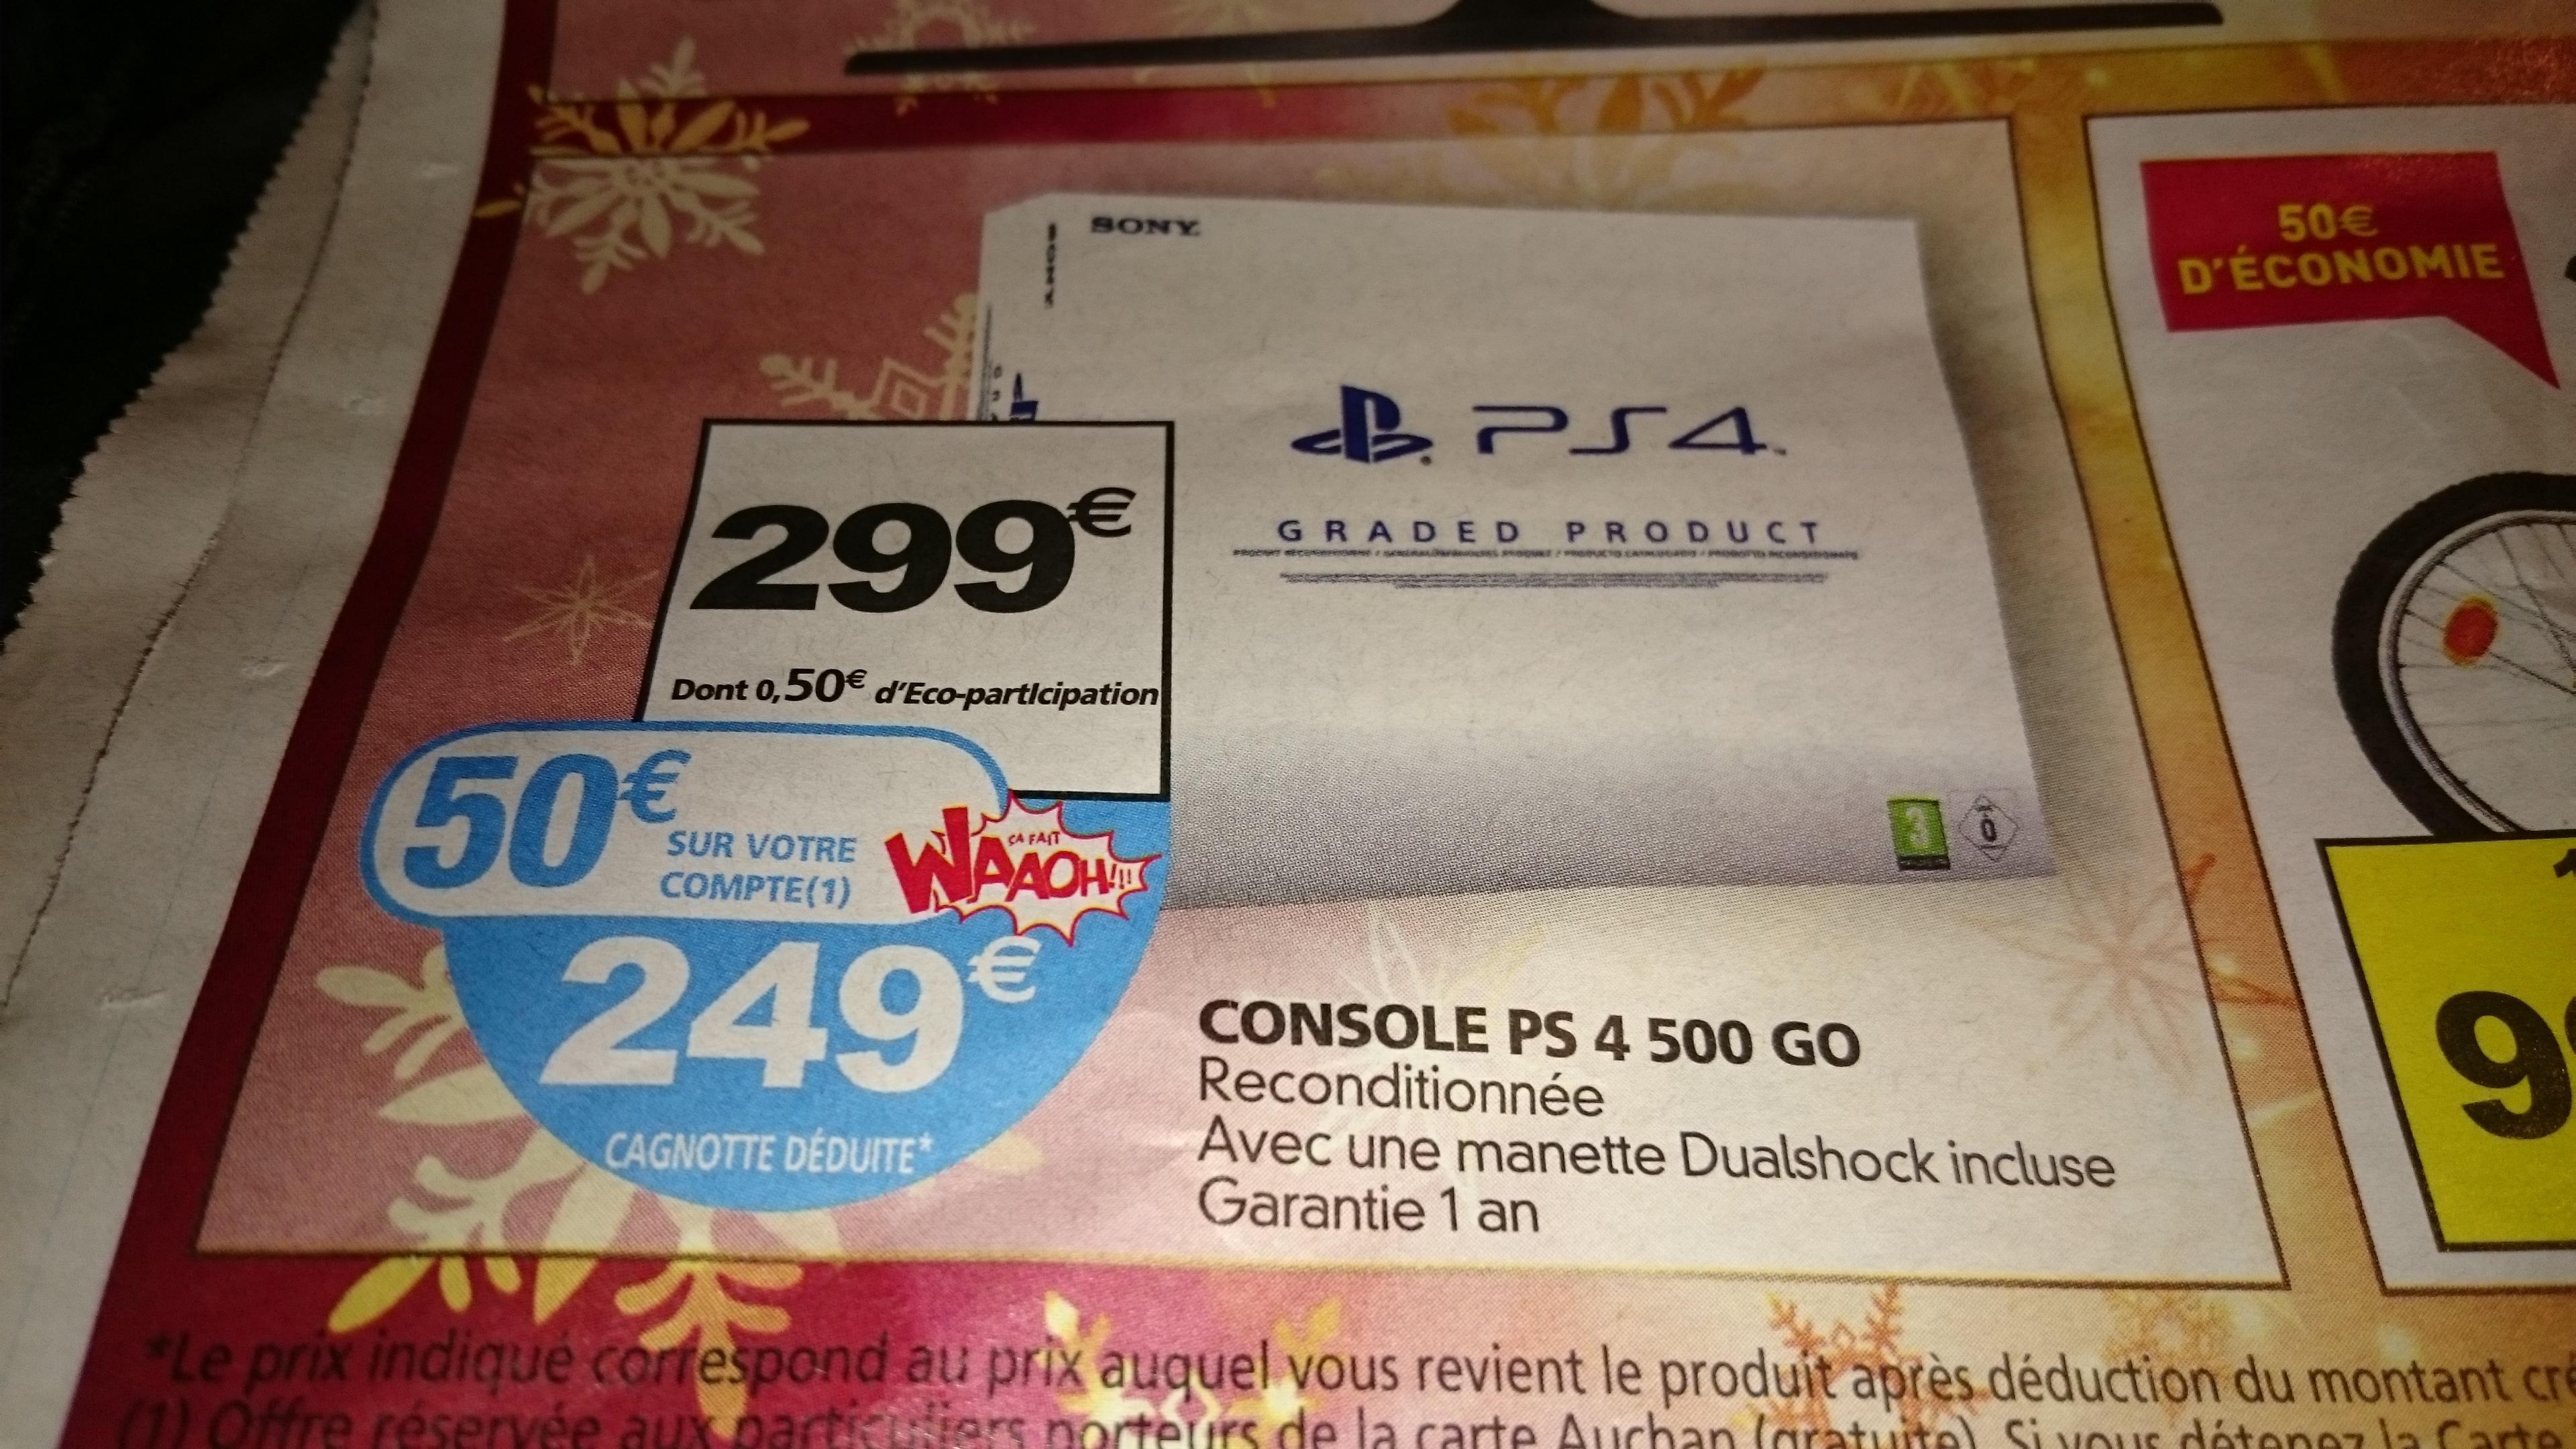 Console Sony PS4 500 Go - Reconditionnée (avec 50€ sur la carte)